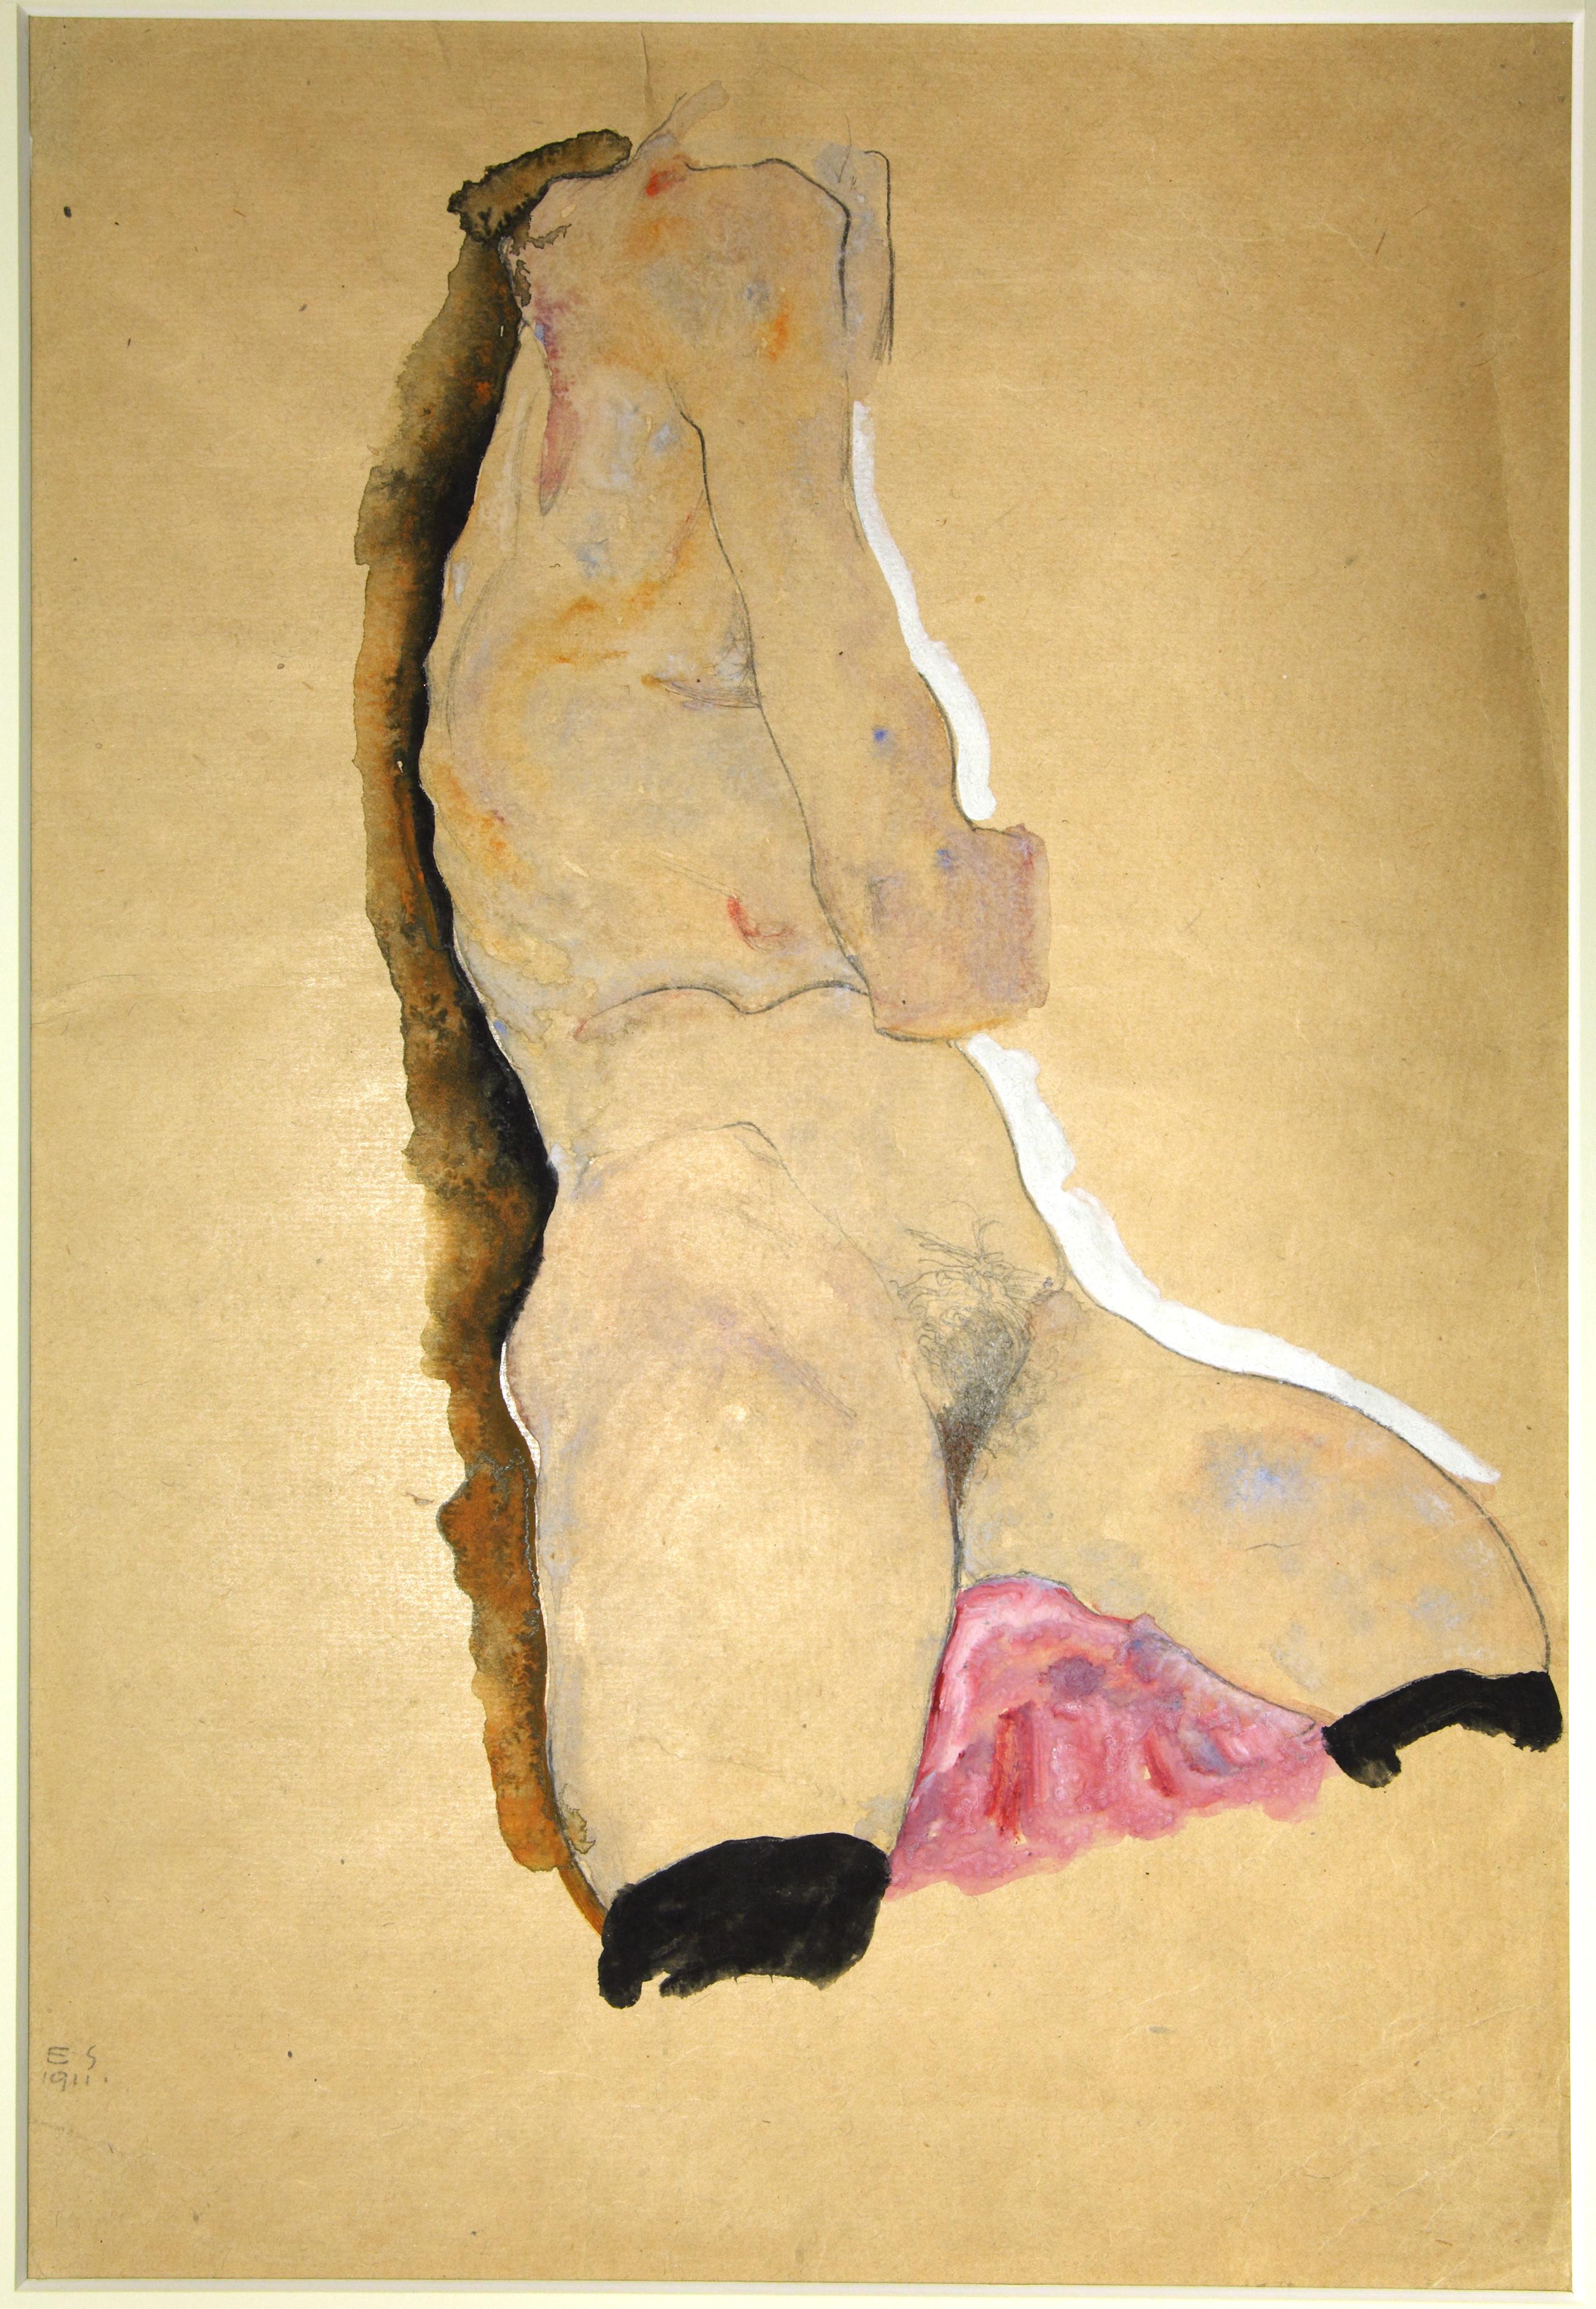 Egon Schiele (Tulln, Austria, 1890- Vienna, 1918) Nudo (Torso femminile), 1911 Matita e acquerello su carta Collezione privata in deposito presso la Fondazione Musei Civici di Venezia, Ca' Pesaro - Galleria Internazionale d'Arte Moderna